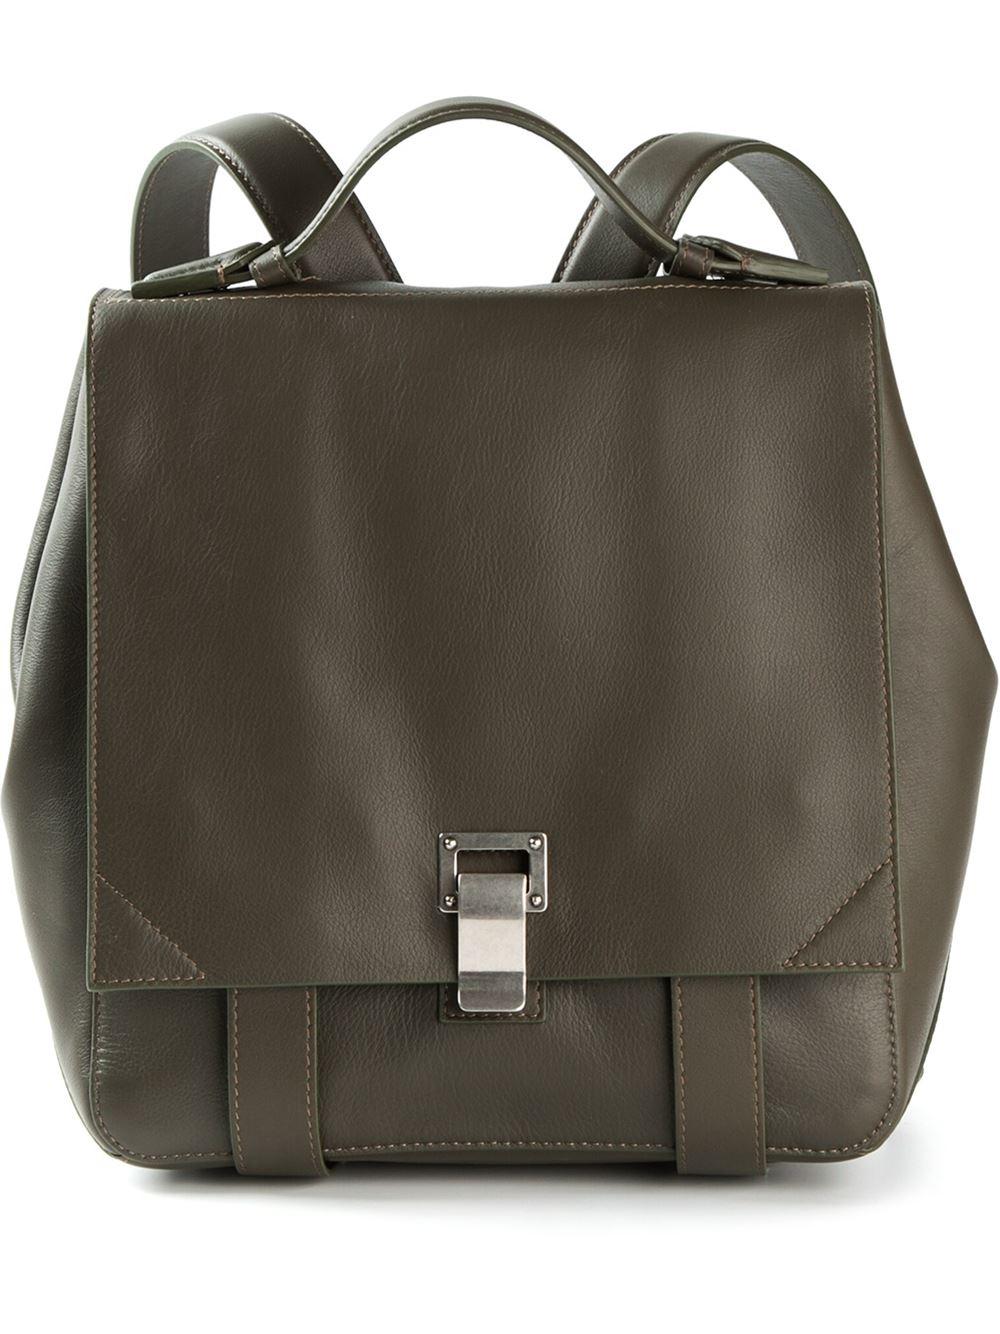 Proenza Schouler Courier Backpack in Green